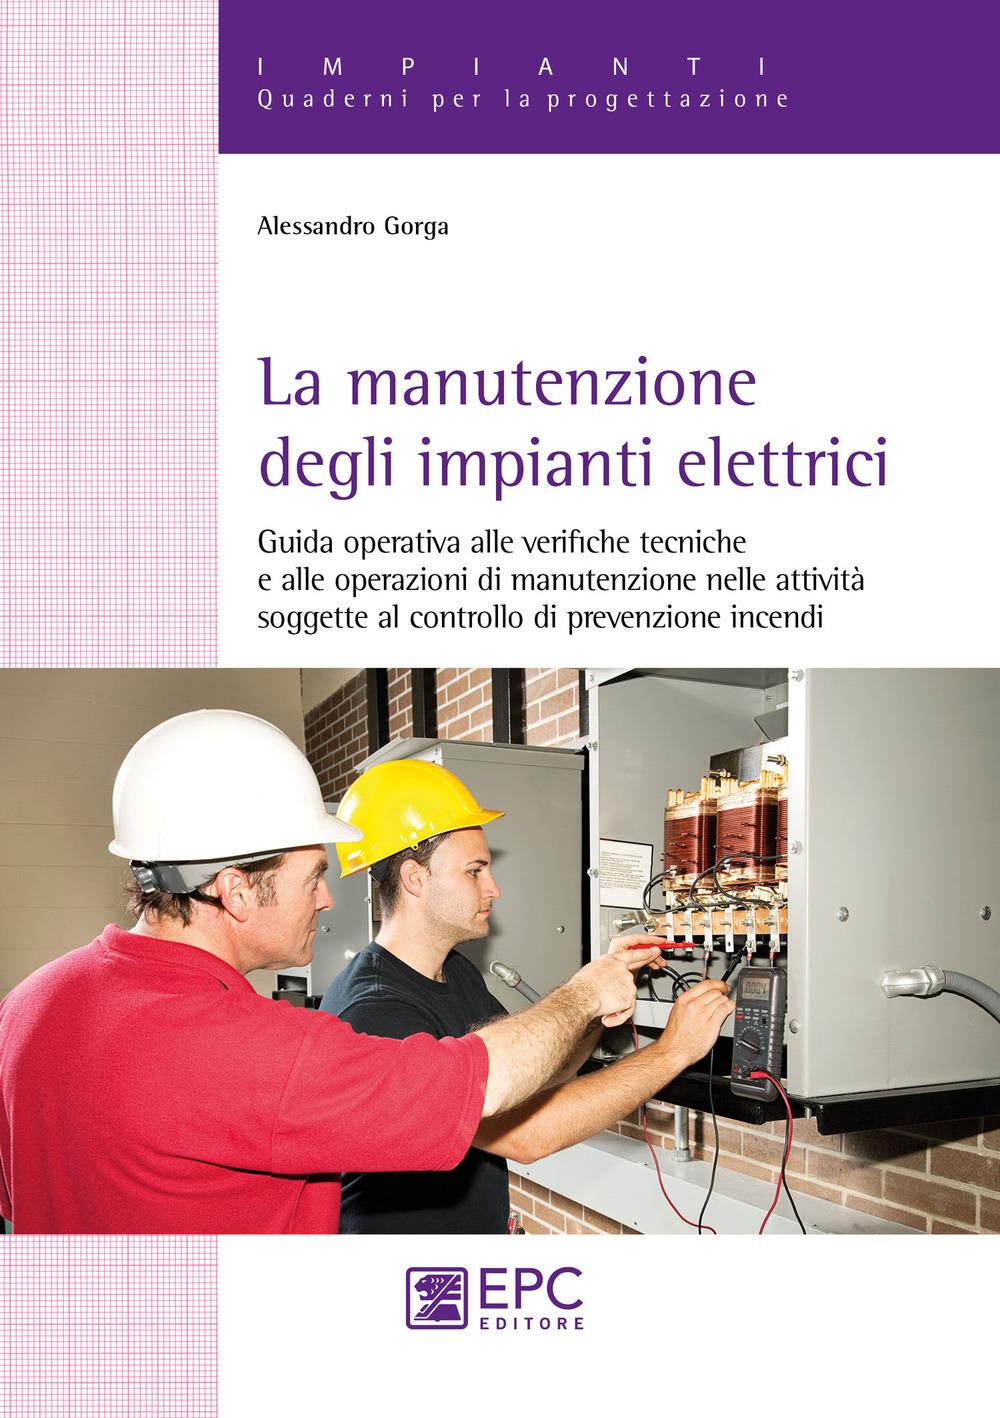 La manutenzione degli impianti elettrici. Guida operativa alle verifiche tecniche e alle operazioni di manutenzione nelle attività soggette al control